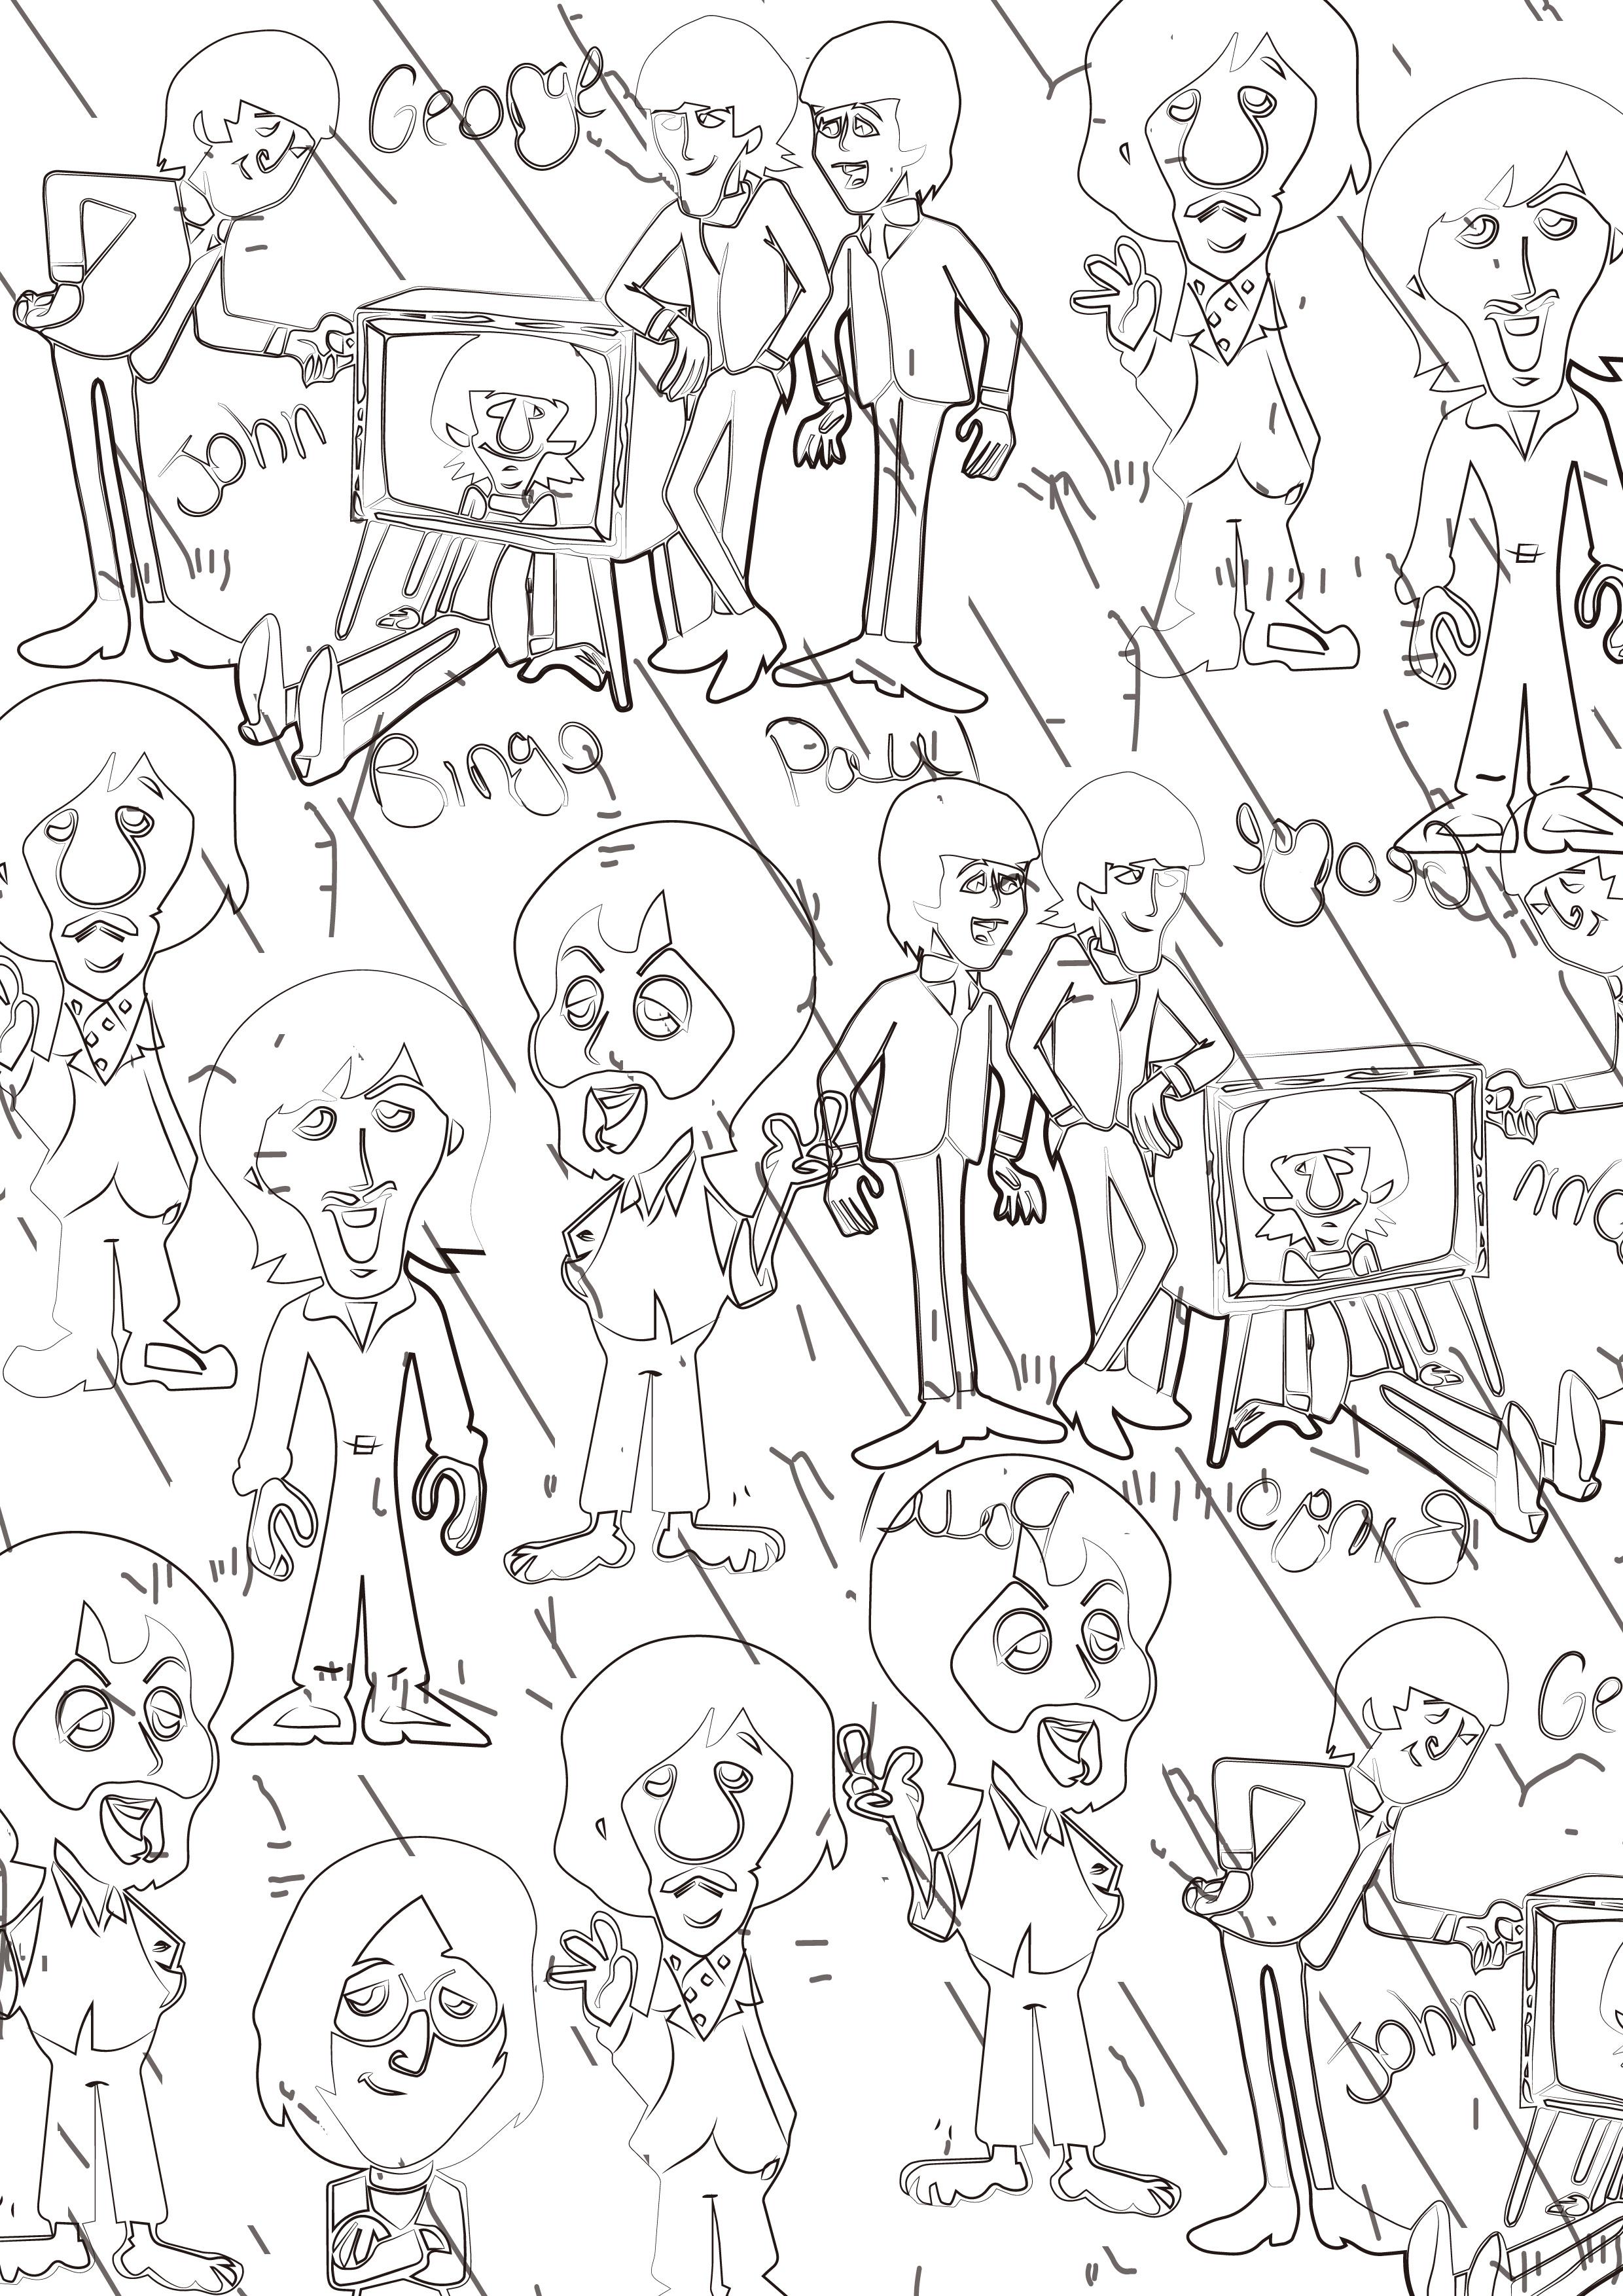 黑白线条漫画 印花 图案 流行 元素图片